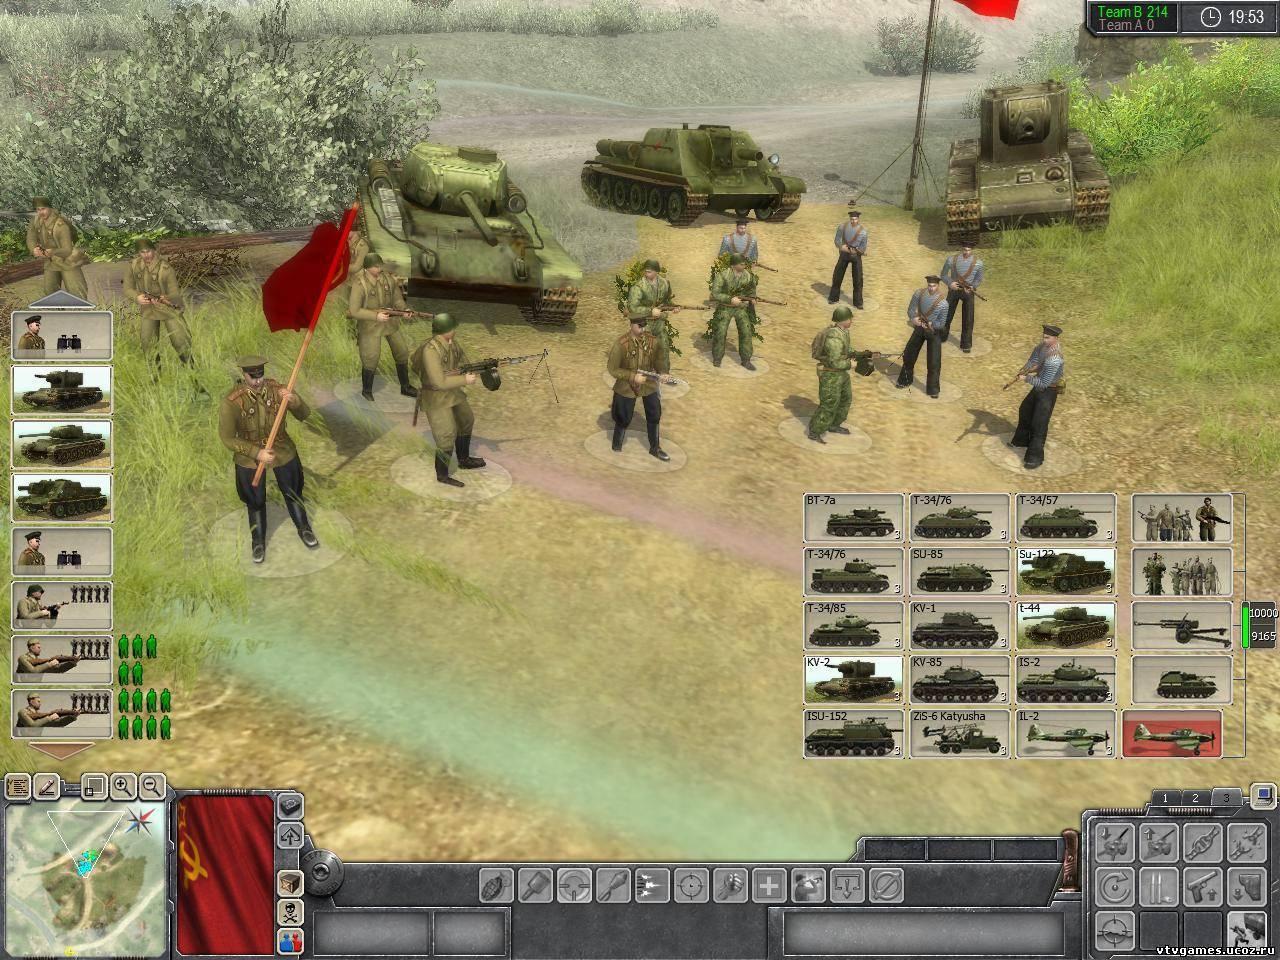 Скачать игру в тылу врага через торрент на русском